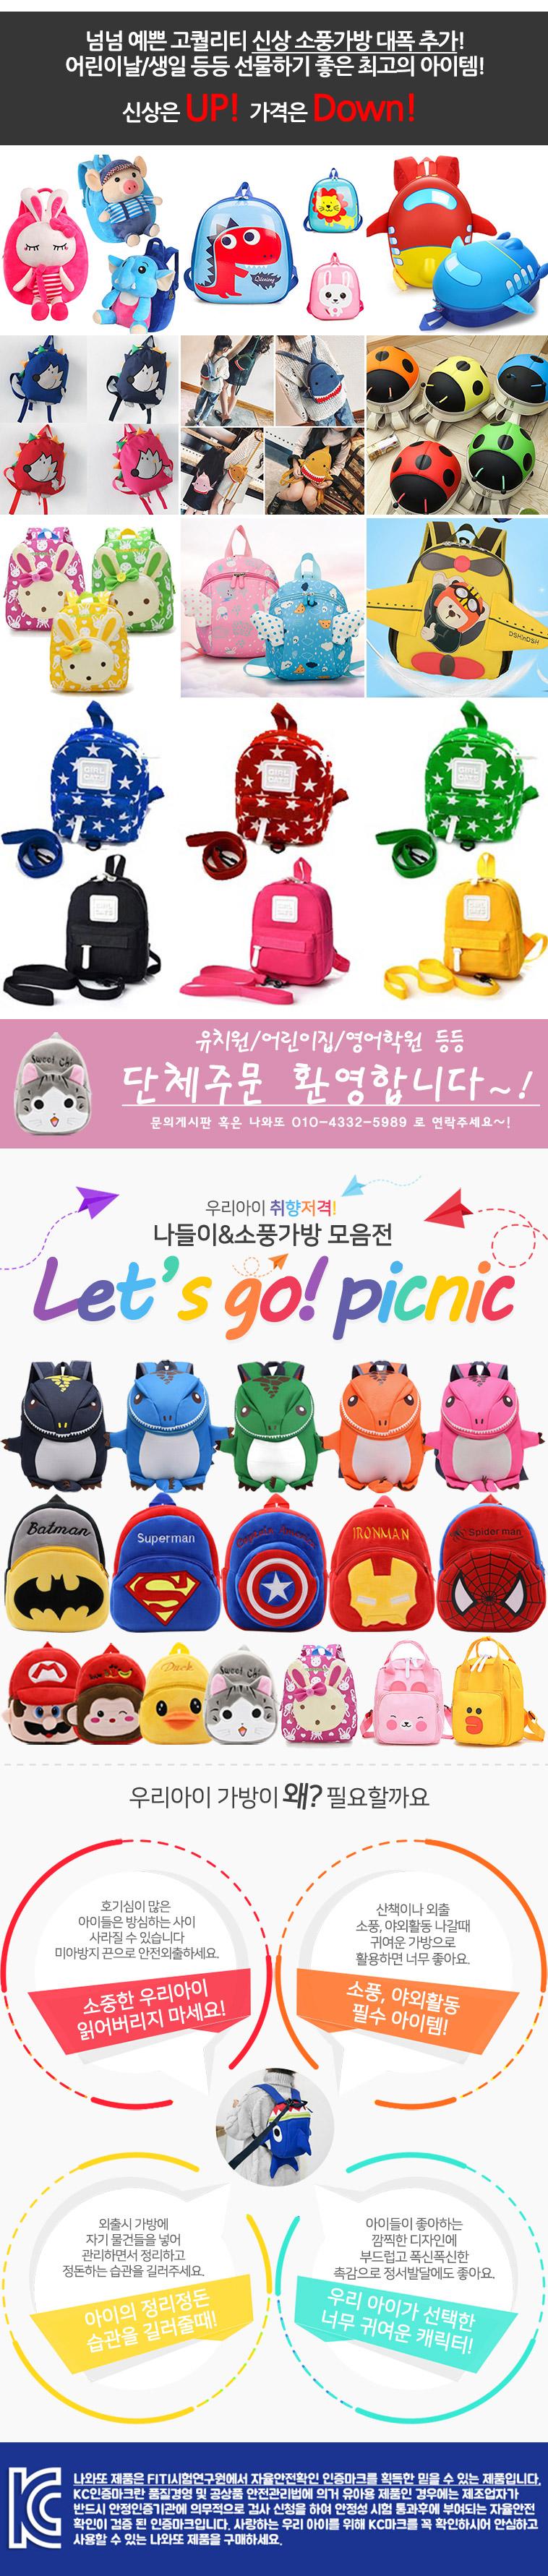 미아방지 가방 끈 나들이 소풍가방 캐릭터가방 - 나와또, 3,000원, 가방, 크로스/숄더백